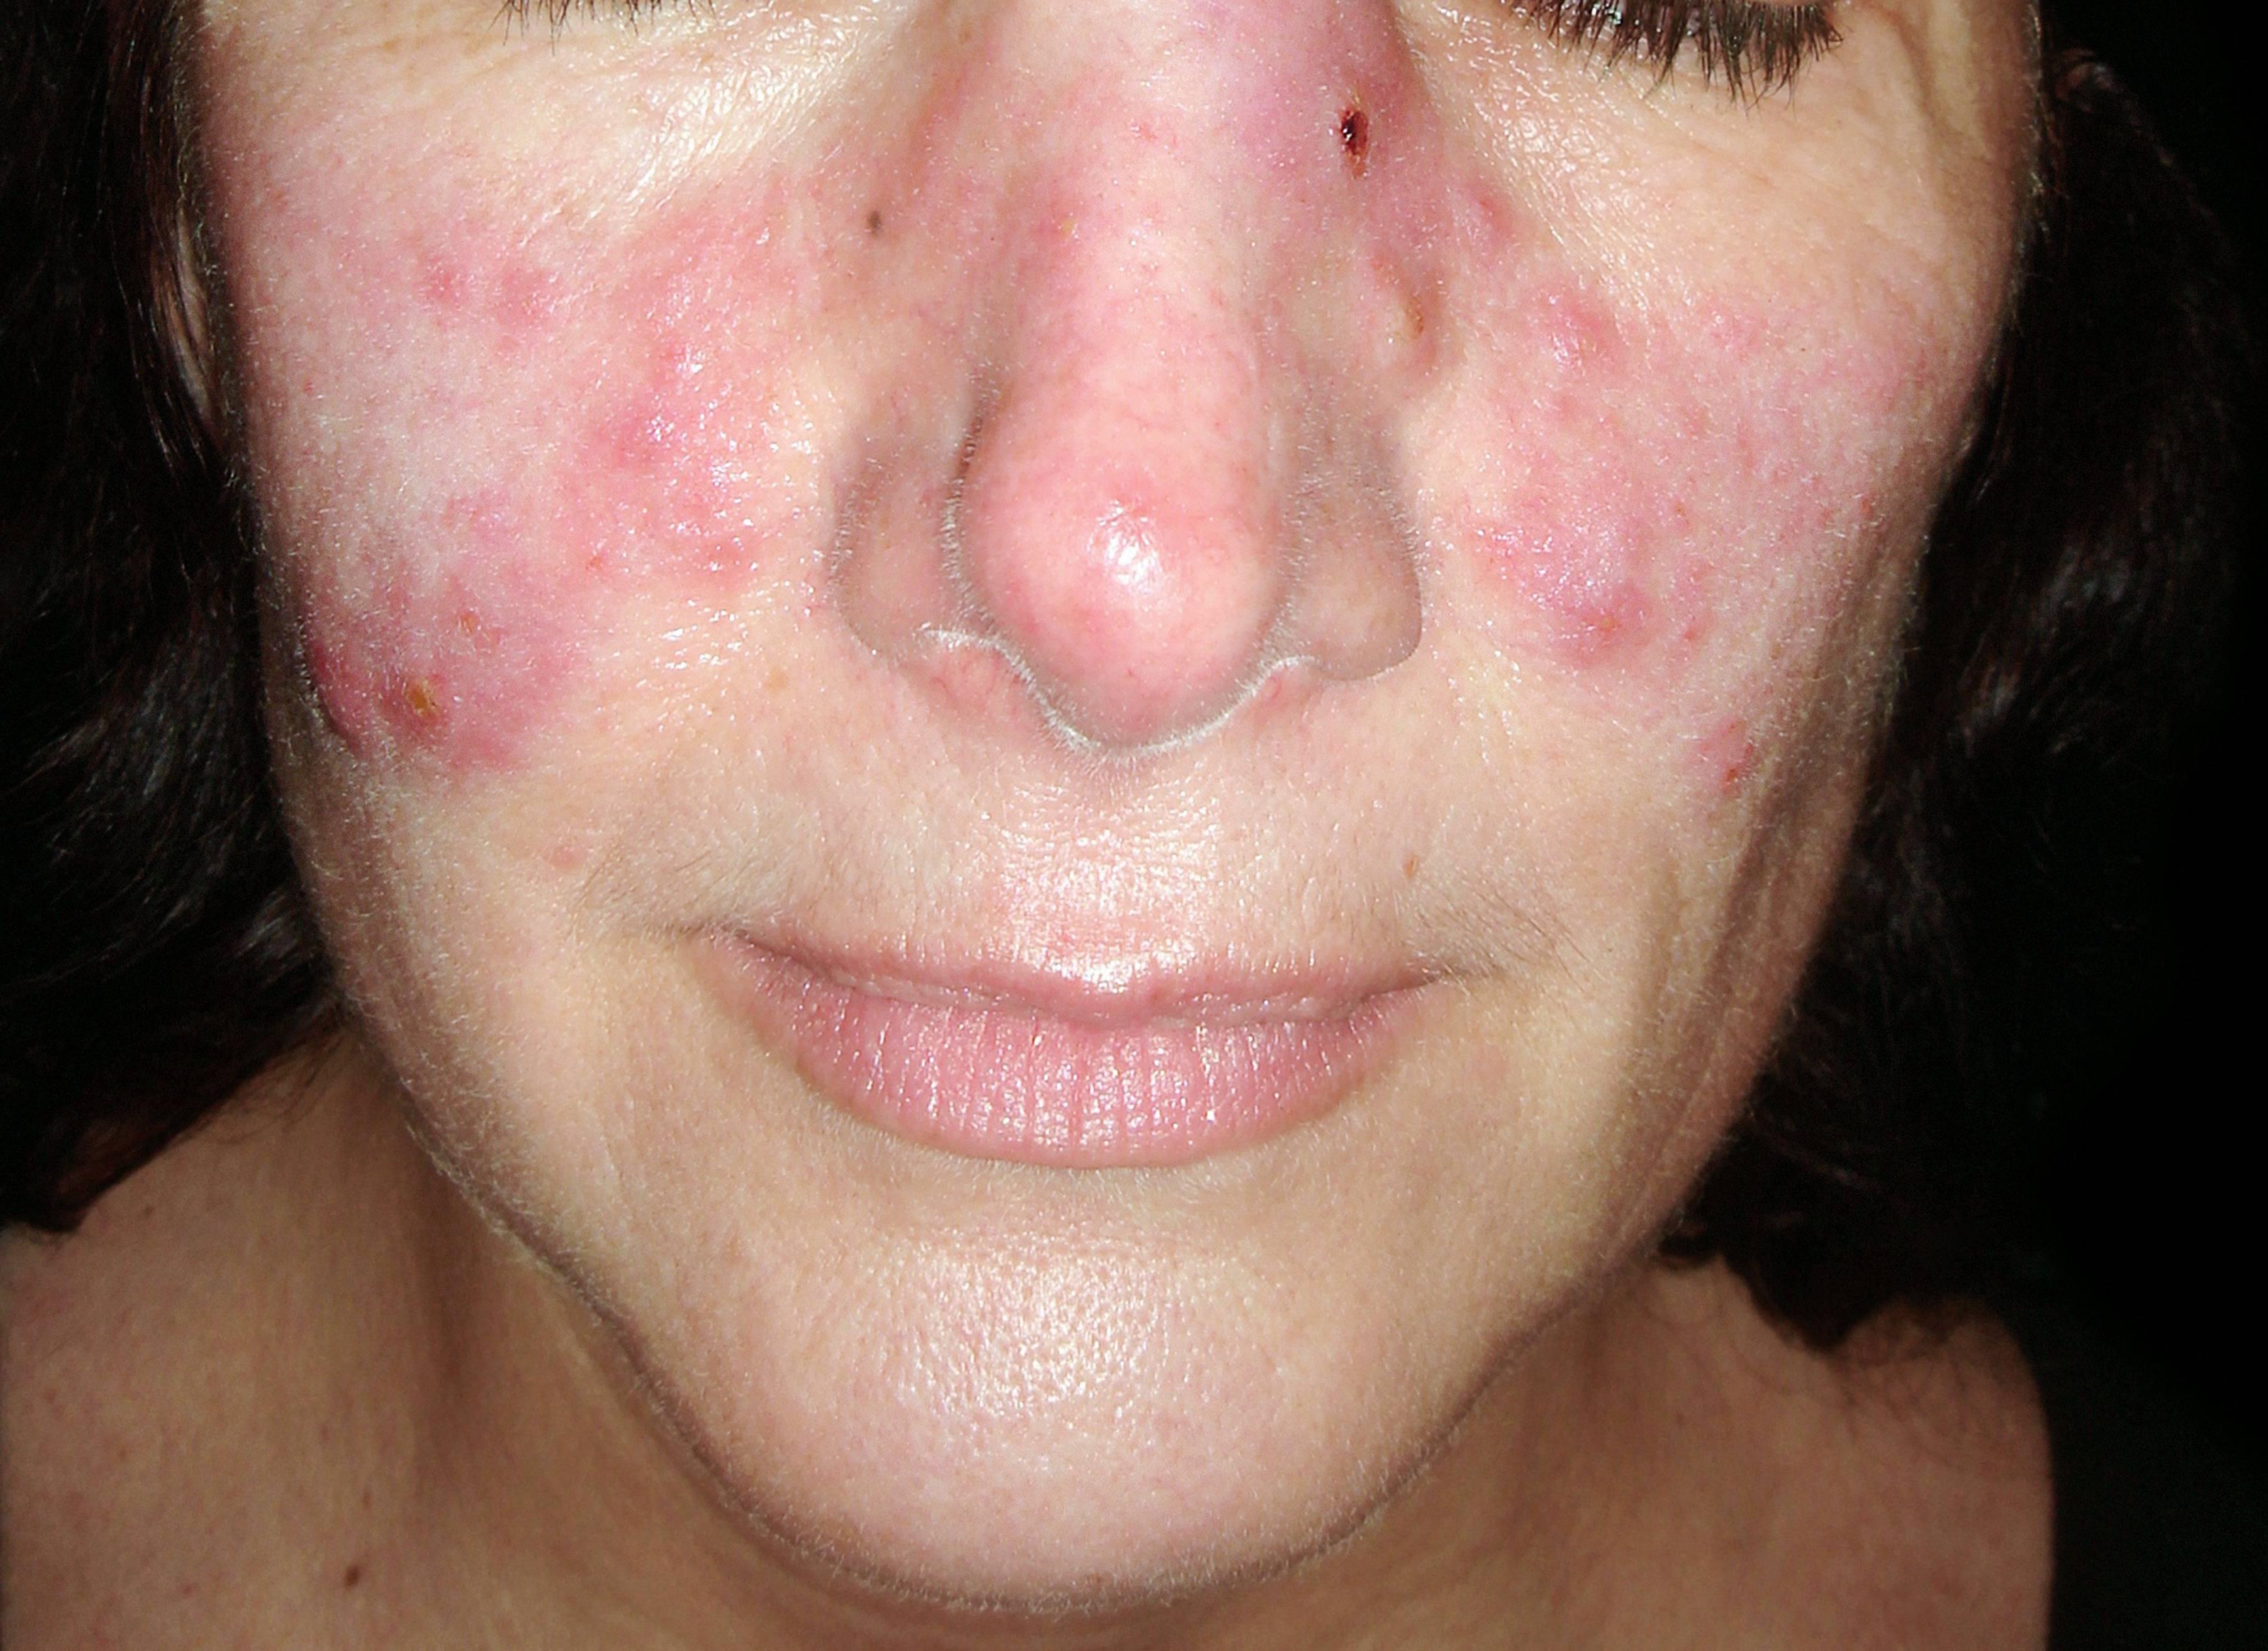 vörös foltok az arcon és nyomás homeopátia pikkelysömör gyógyszerek